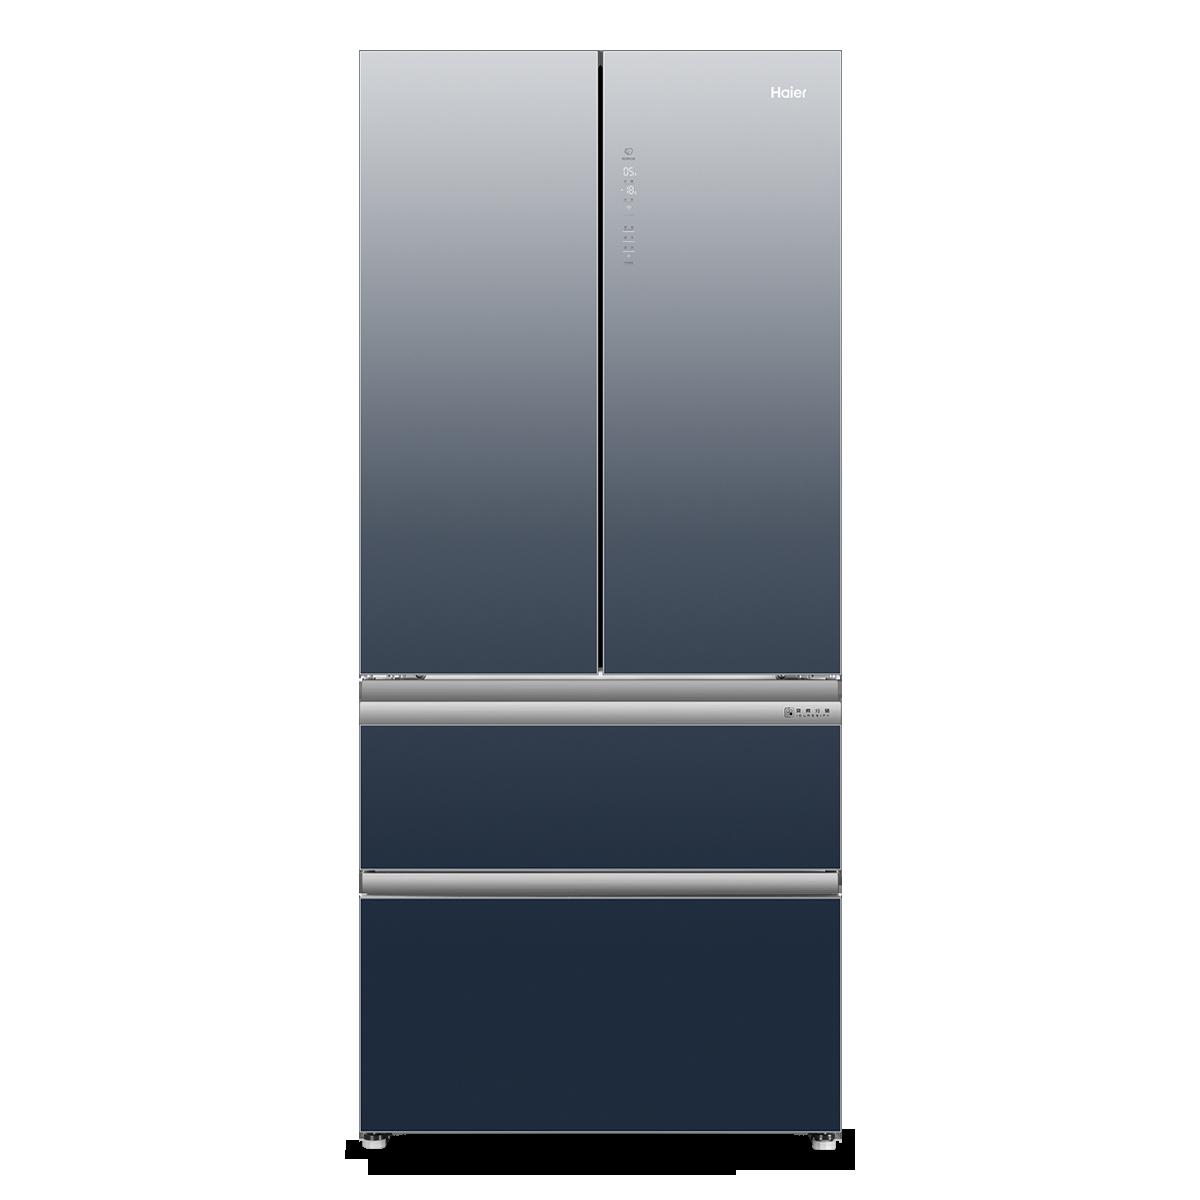 海尔Haier冰箱 BCD-503WDCEU1 说明书